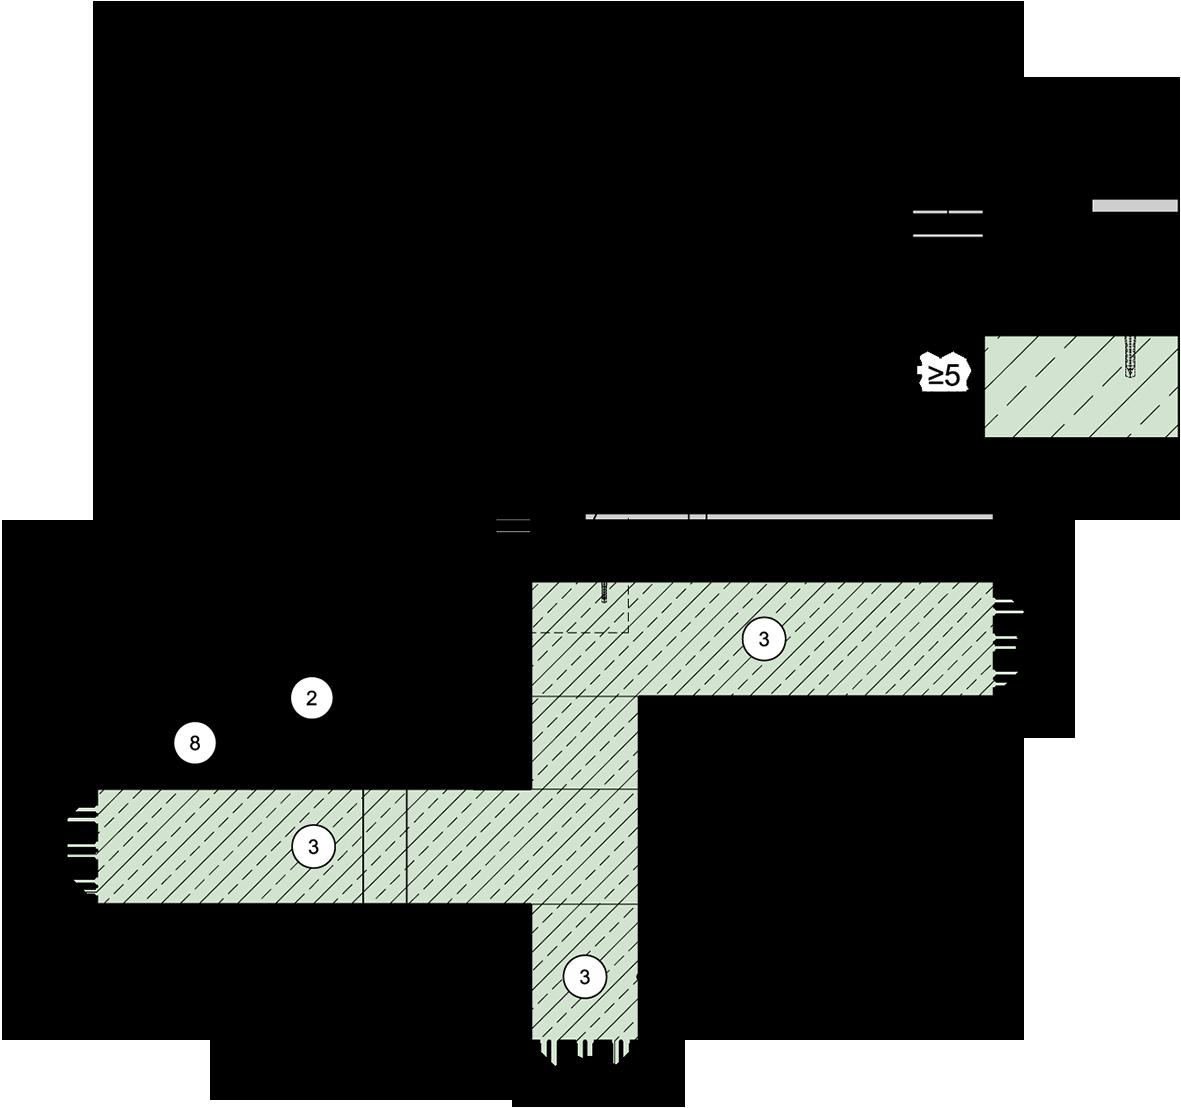 Terrassentür Barrierefrei Detail : detailseite planungsatlas hochbau einschalige au enwand aus normalbeton mit ~ Yuntae.com Dekorationen Ideen